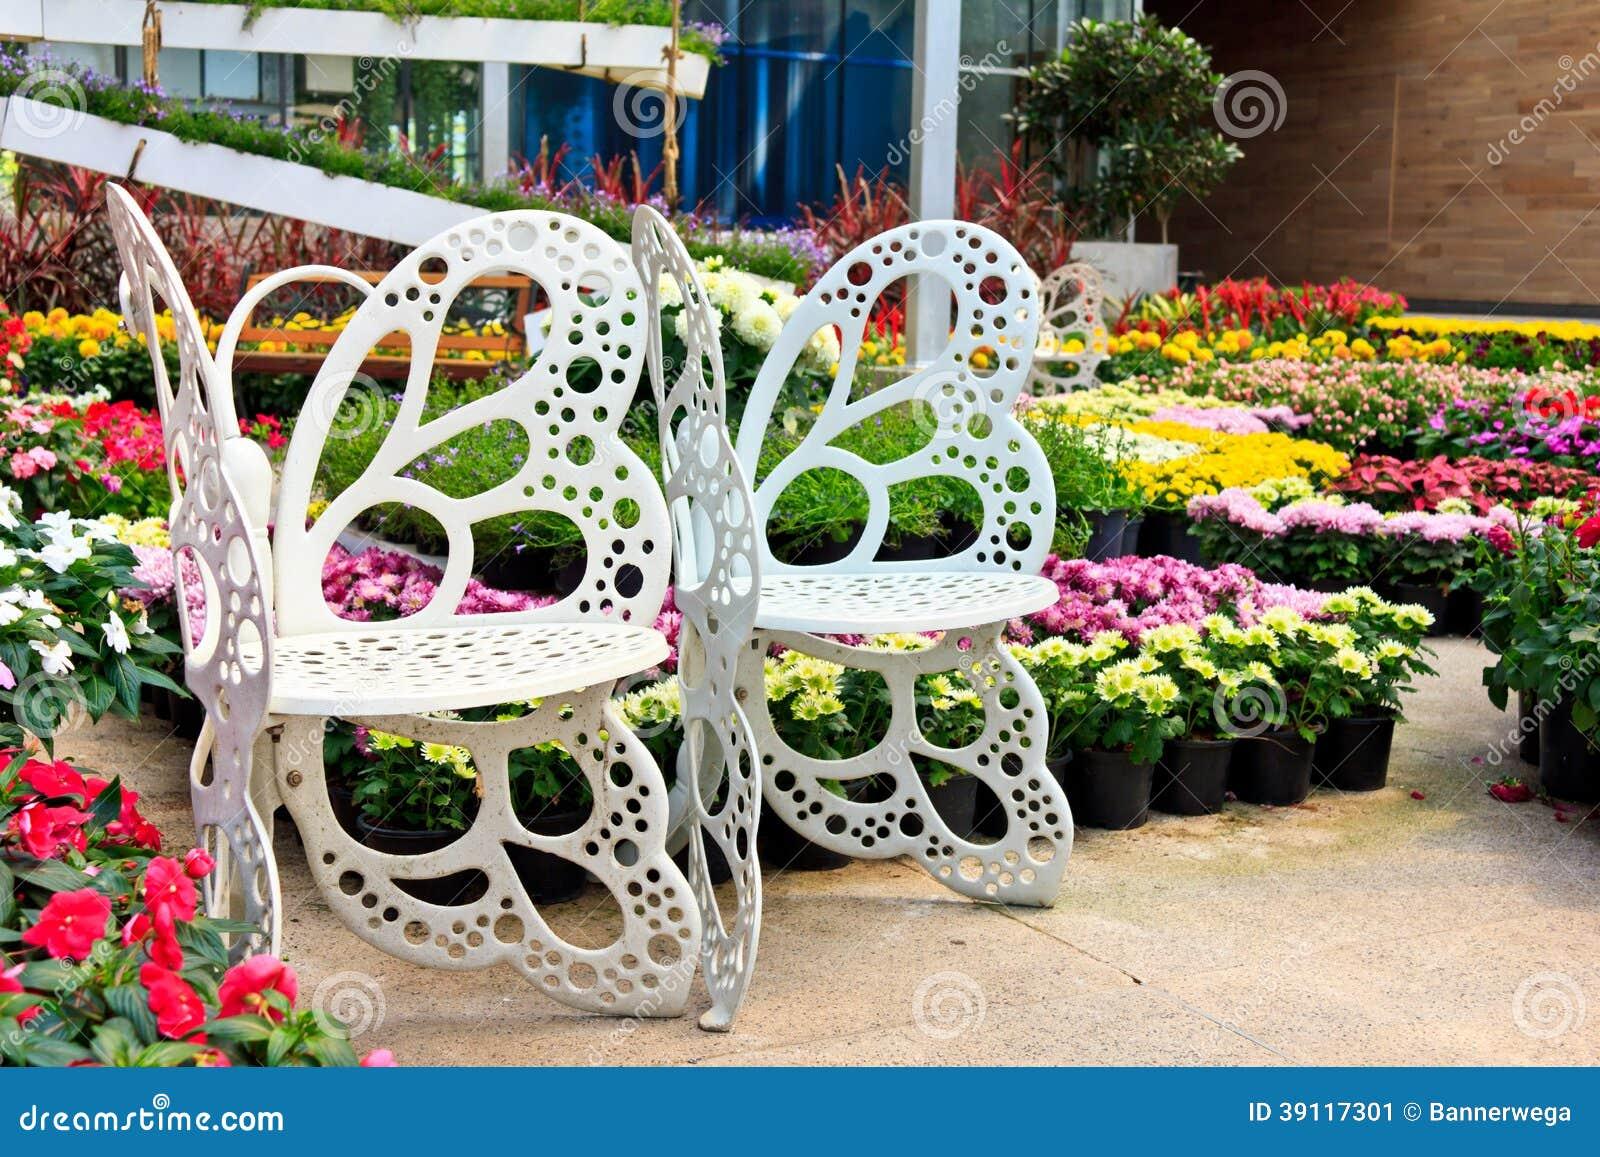 Witte stoel in de tuin